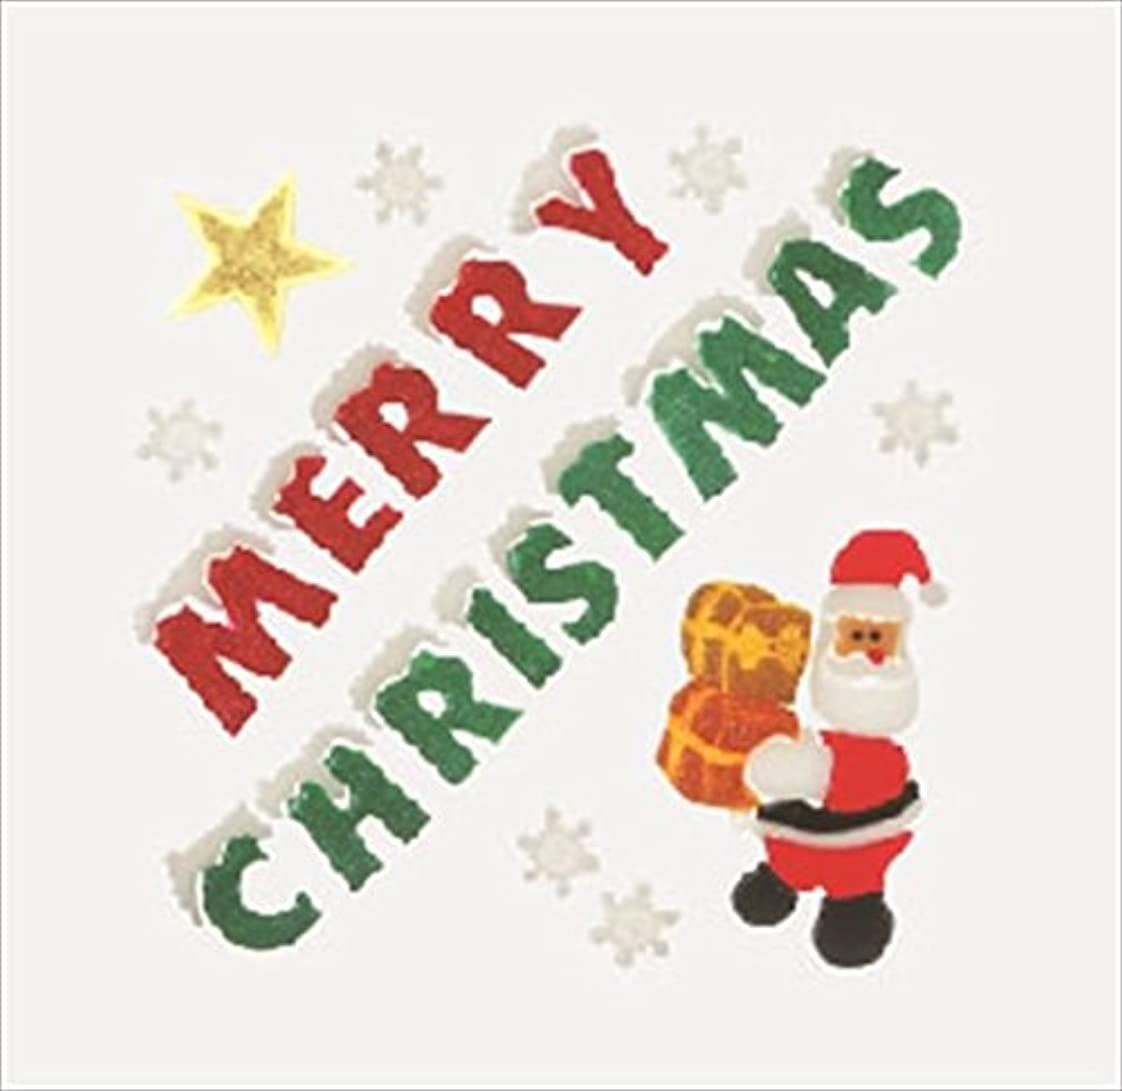 生バーチャル試みGelGems(ジェルジェム) ジェルジェムバッグL 「 クリスマスサンタ 」(E00810153)